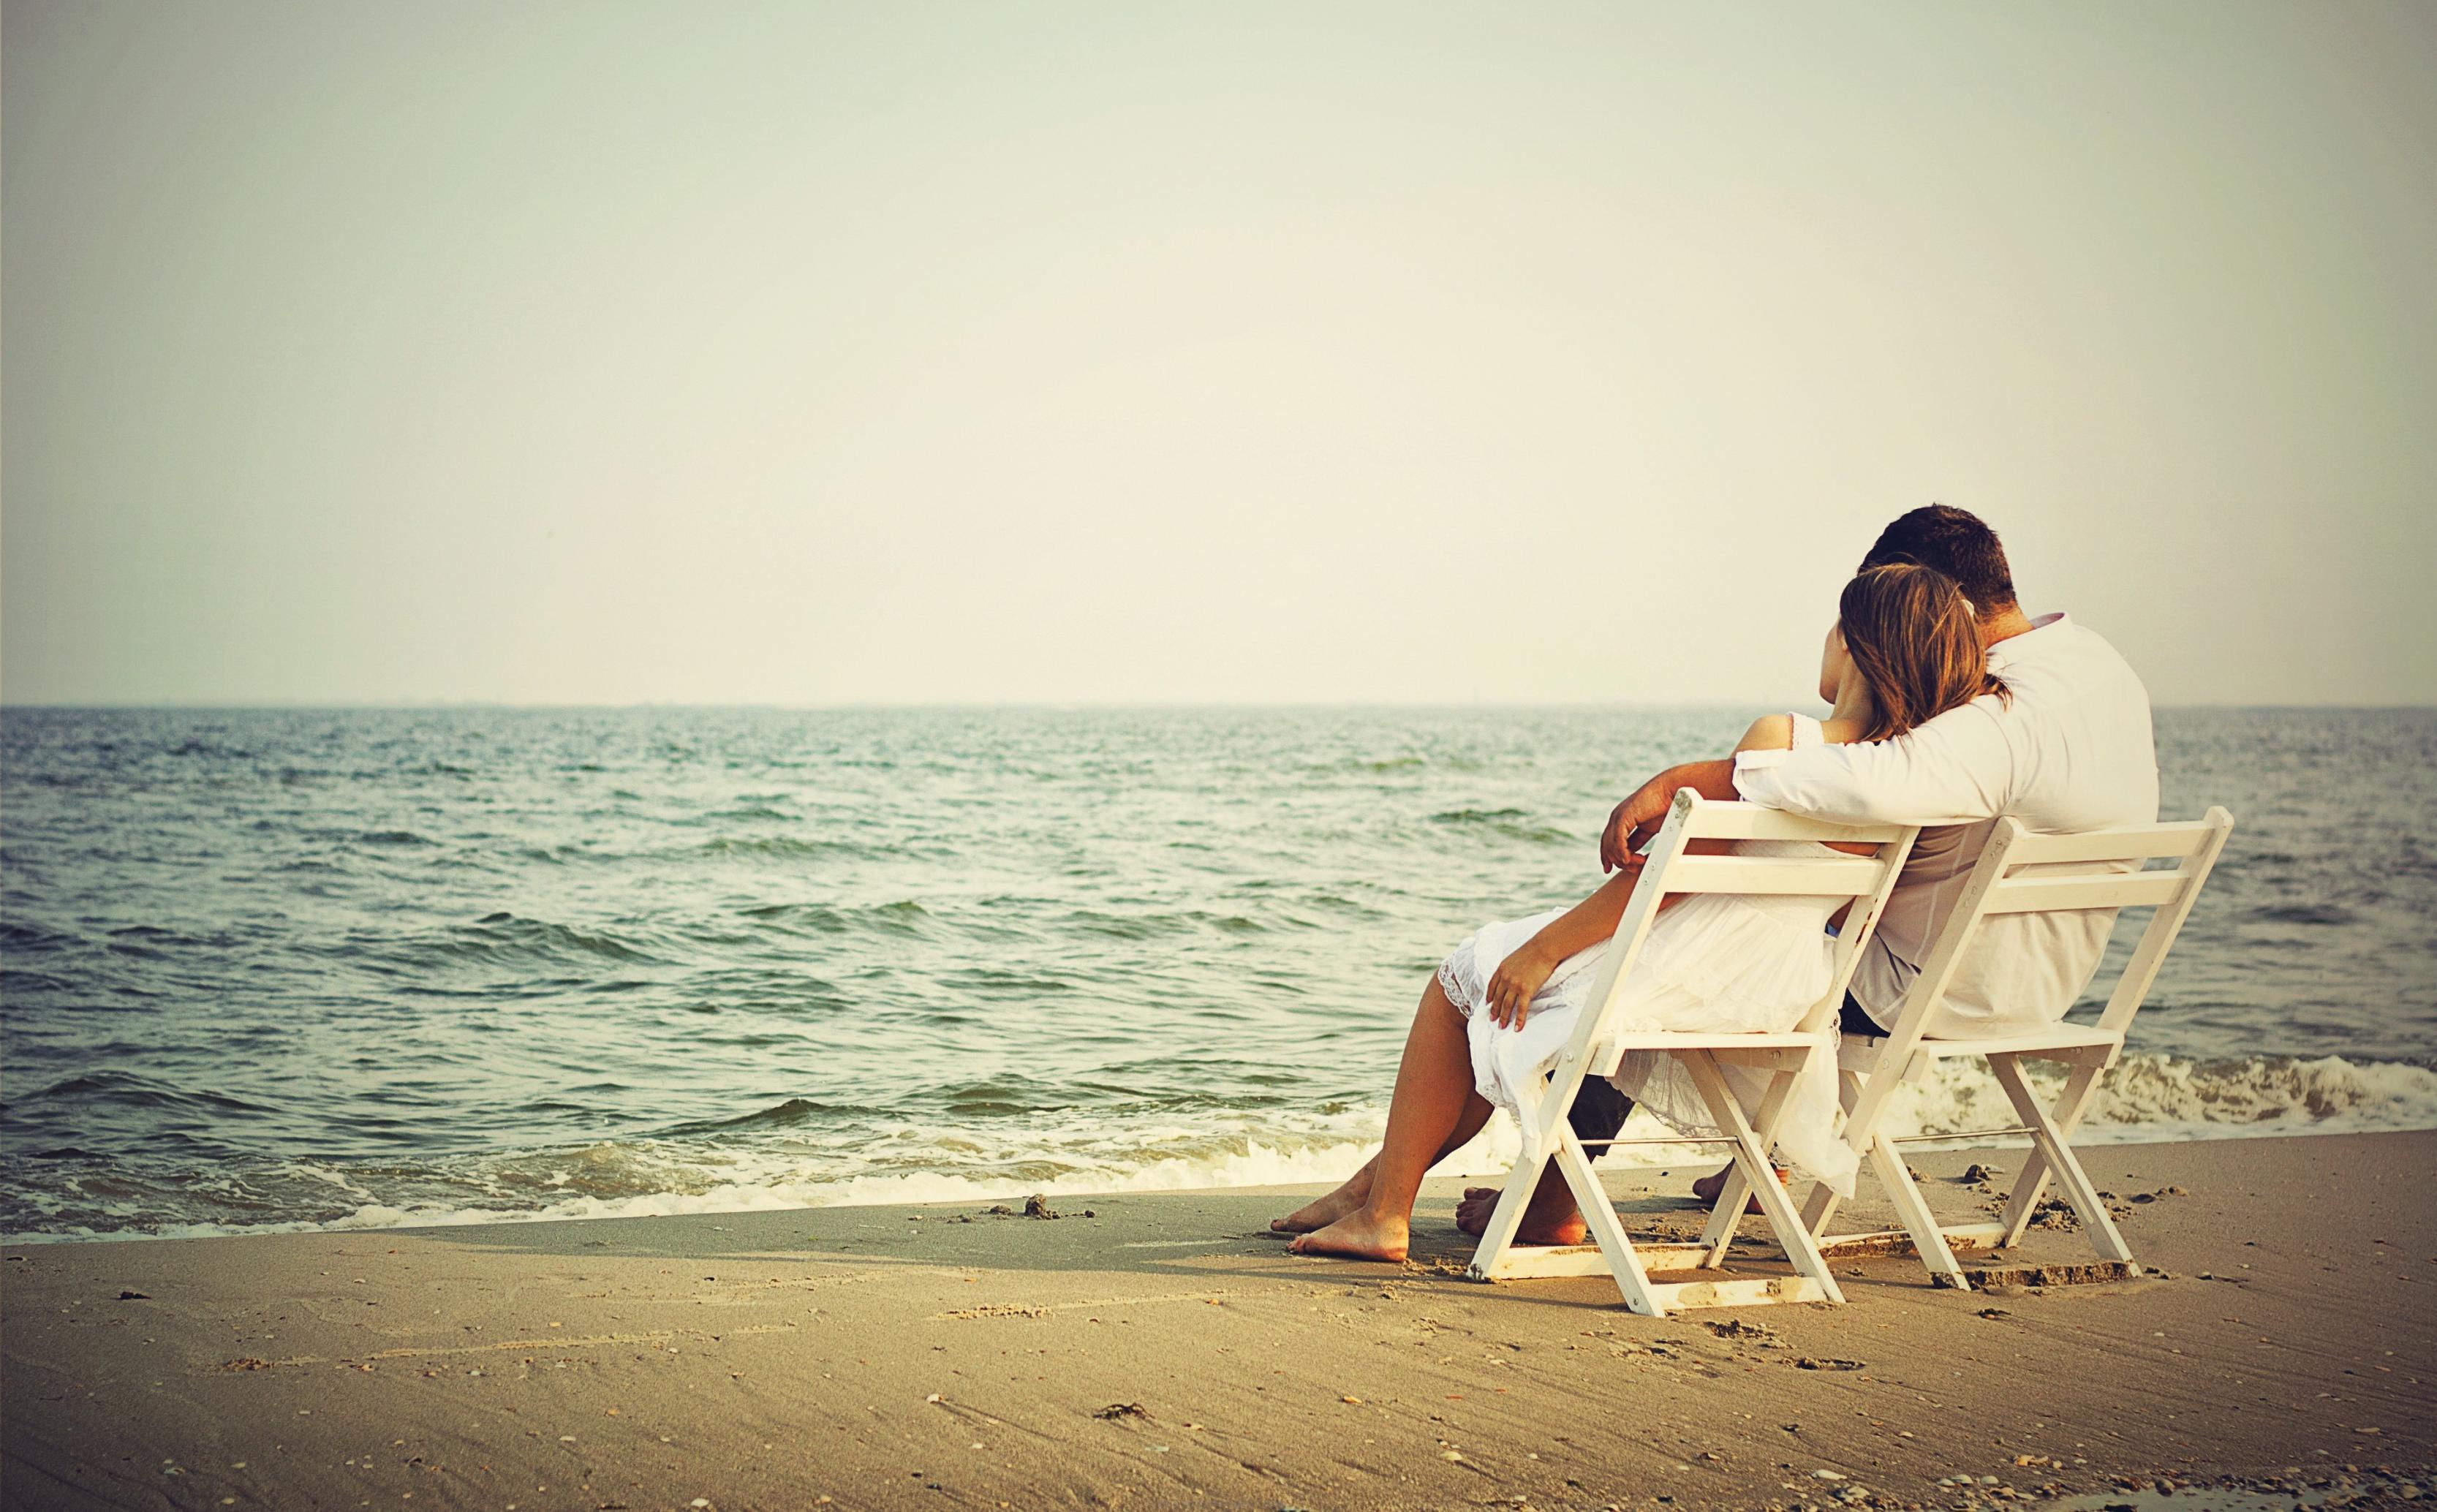 بالصور كلمات حب للزوجة , حب الزوجه وكيفية معاملتها 3660